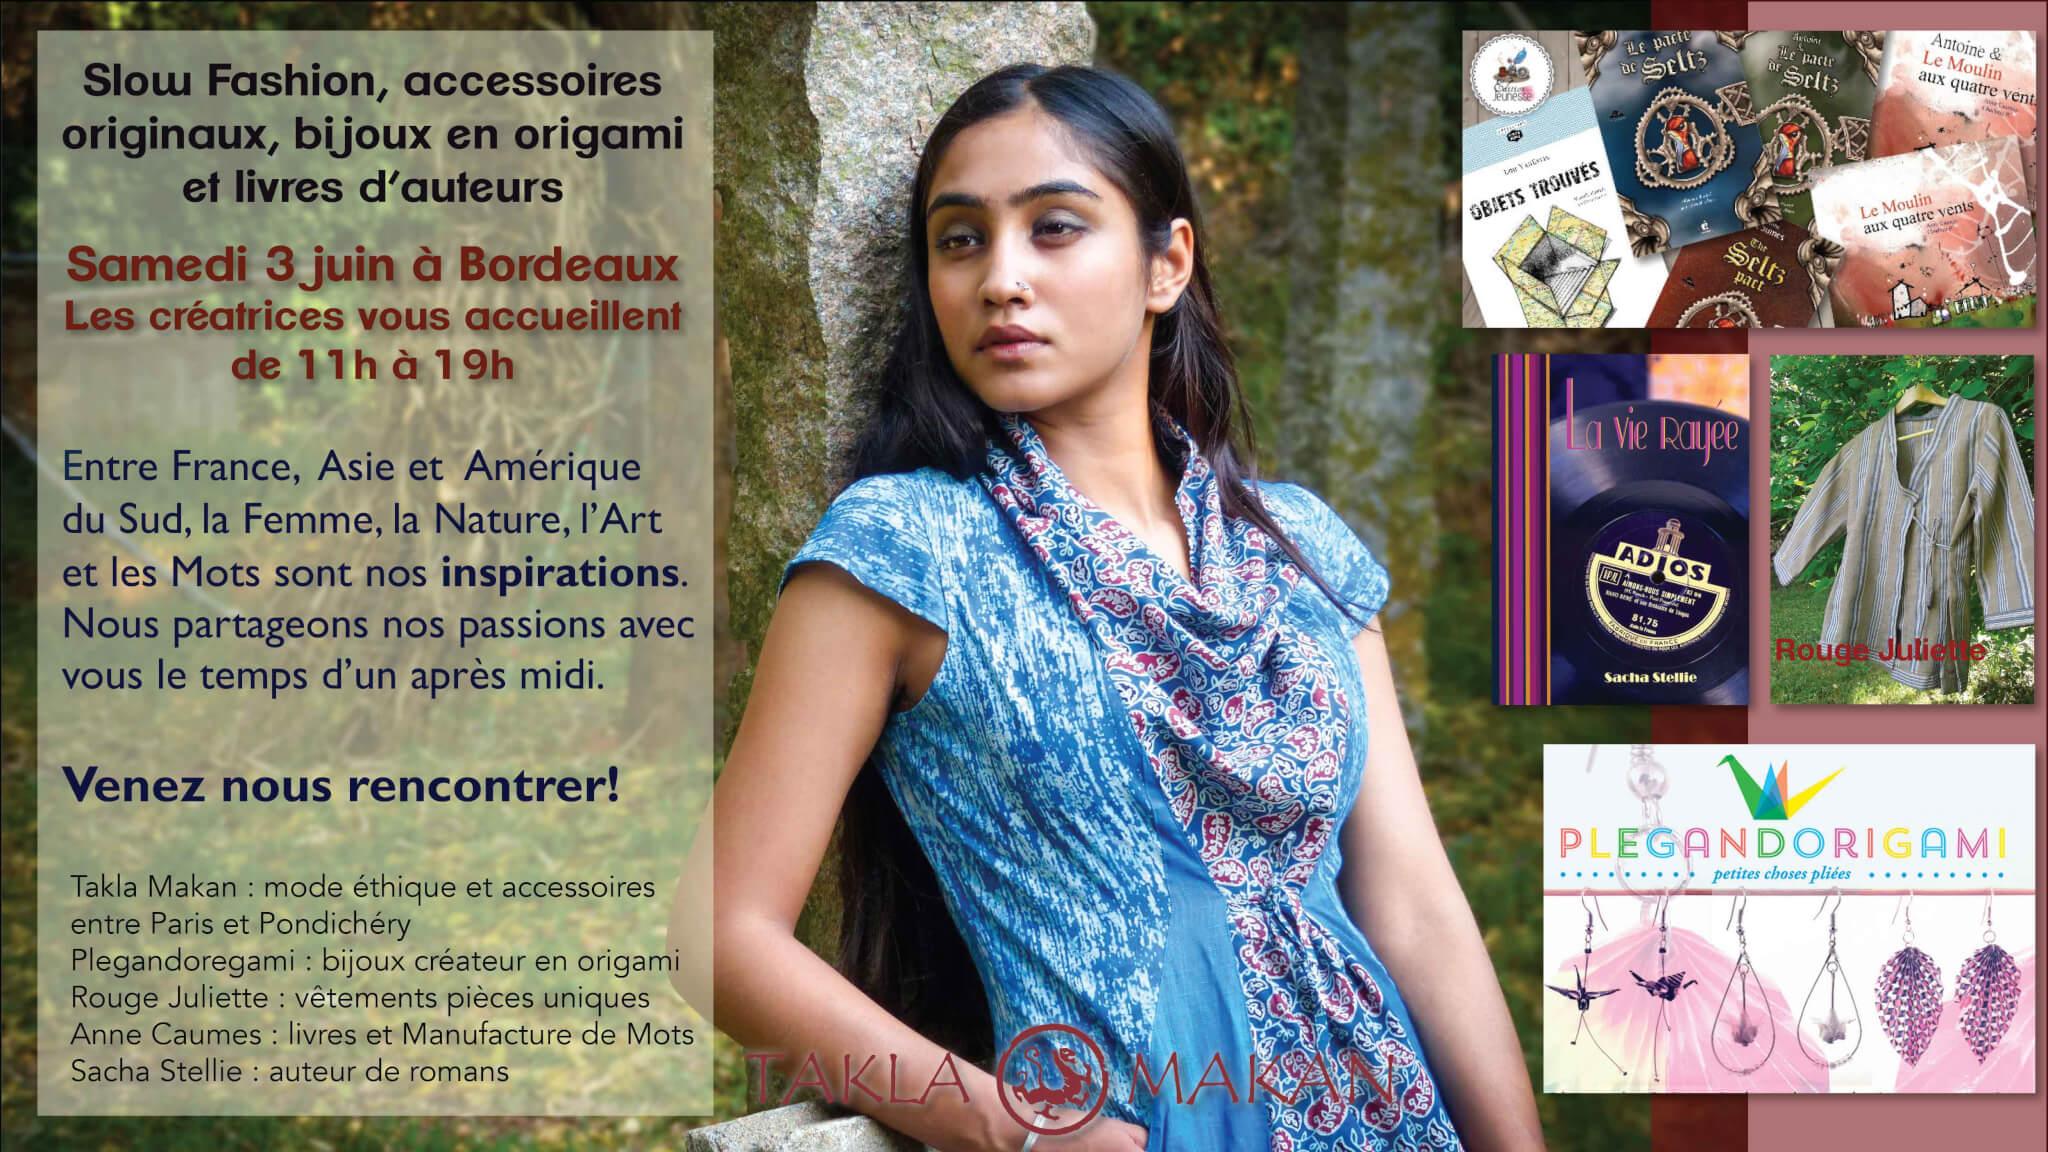 Takla Makan slow fashion en vente éphémère de créatrices à Bordeaux